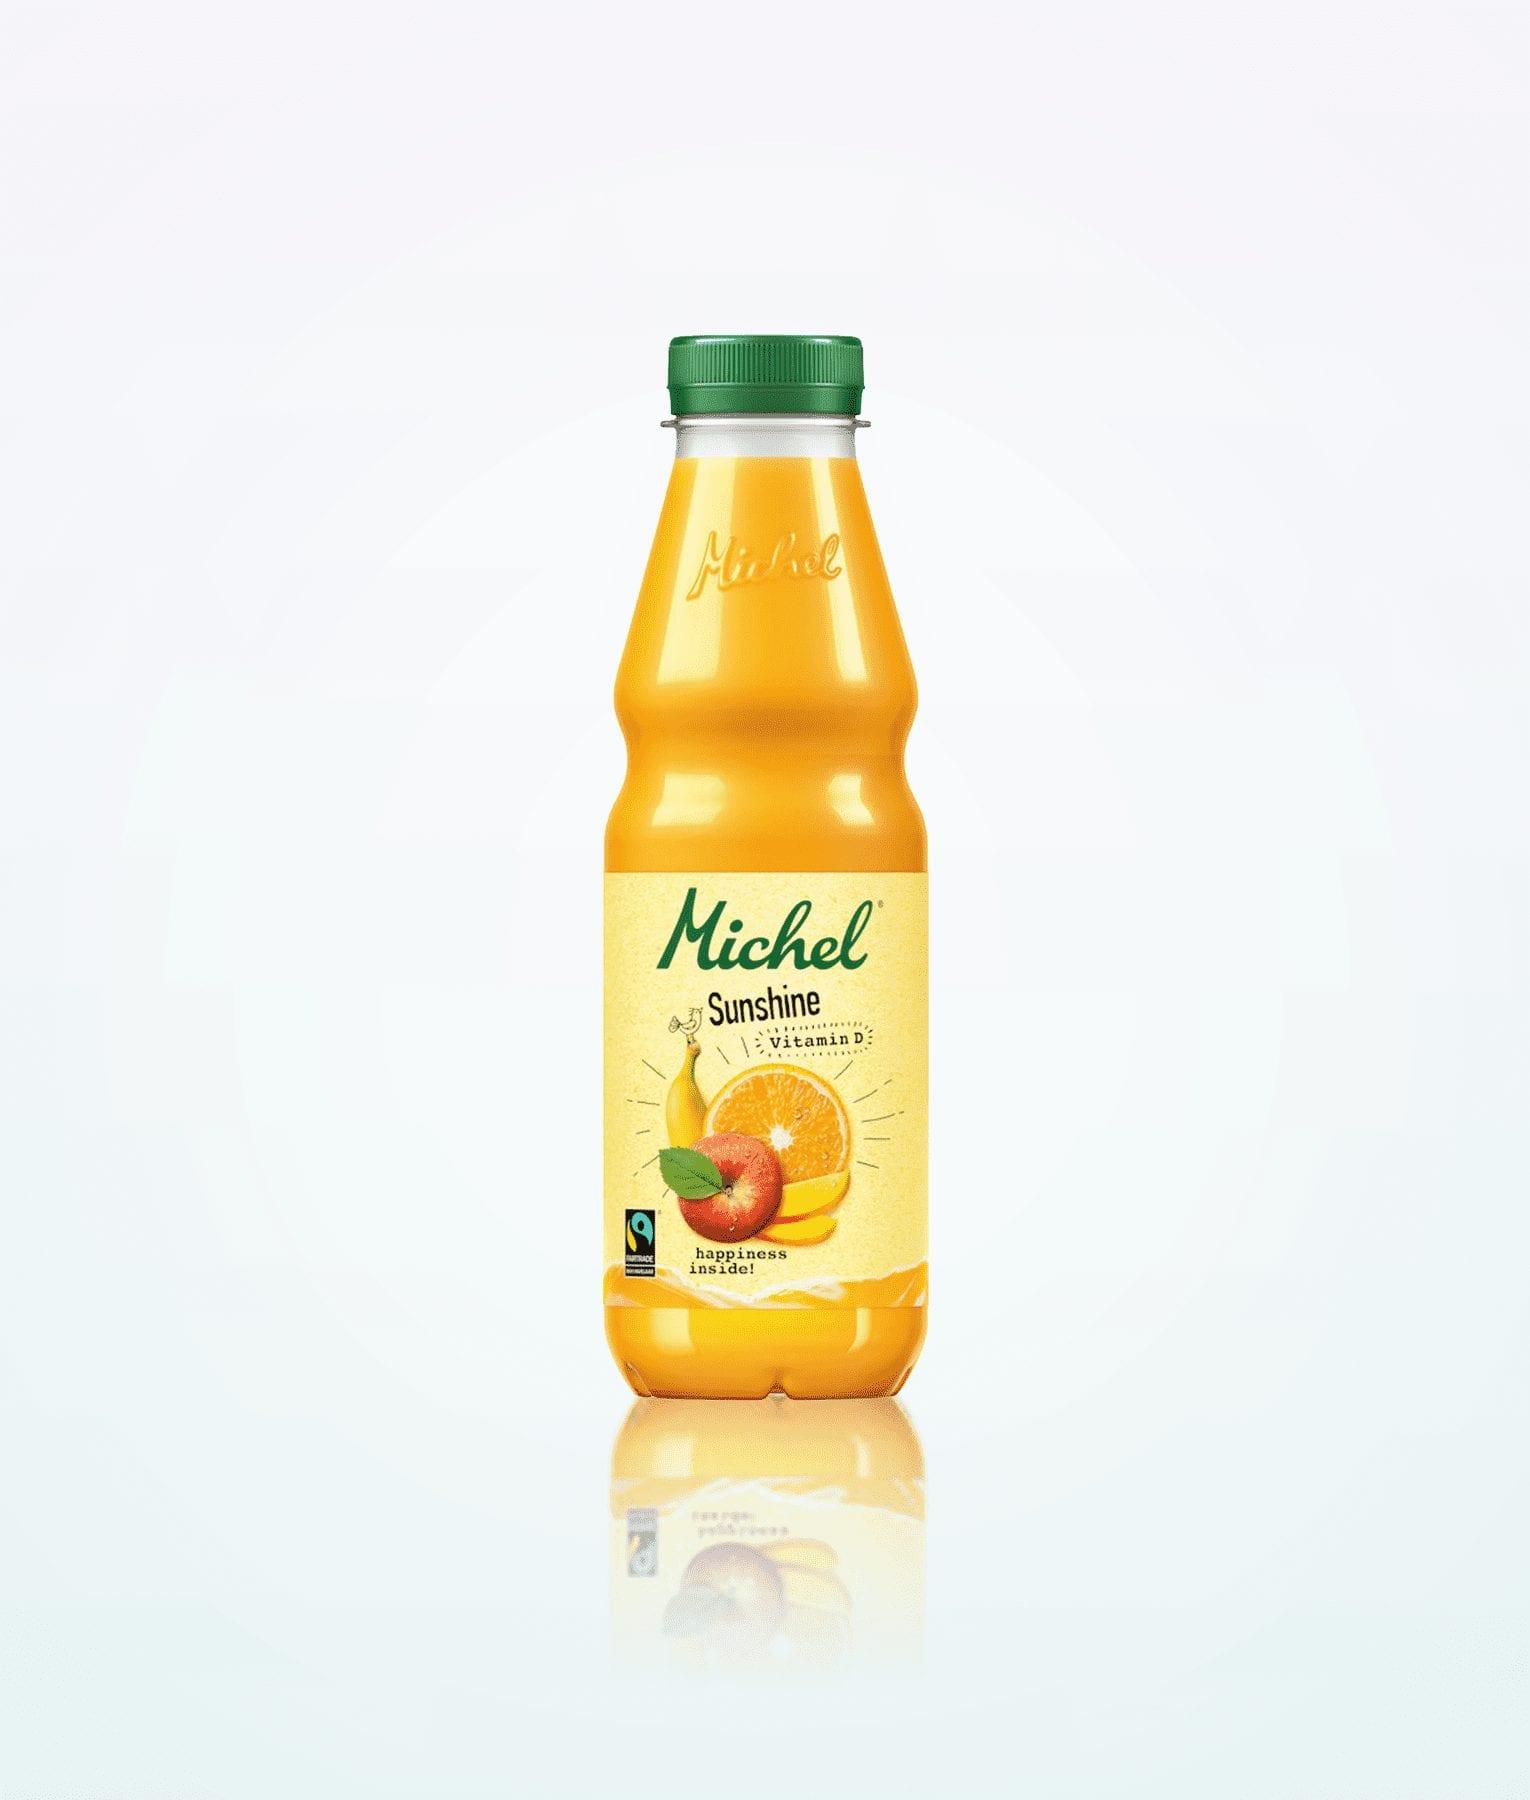 michel-fairtrade-sunshine-fruit-juice